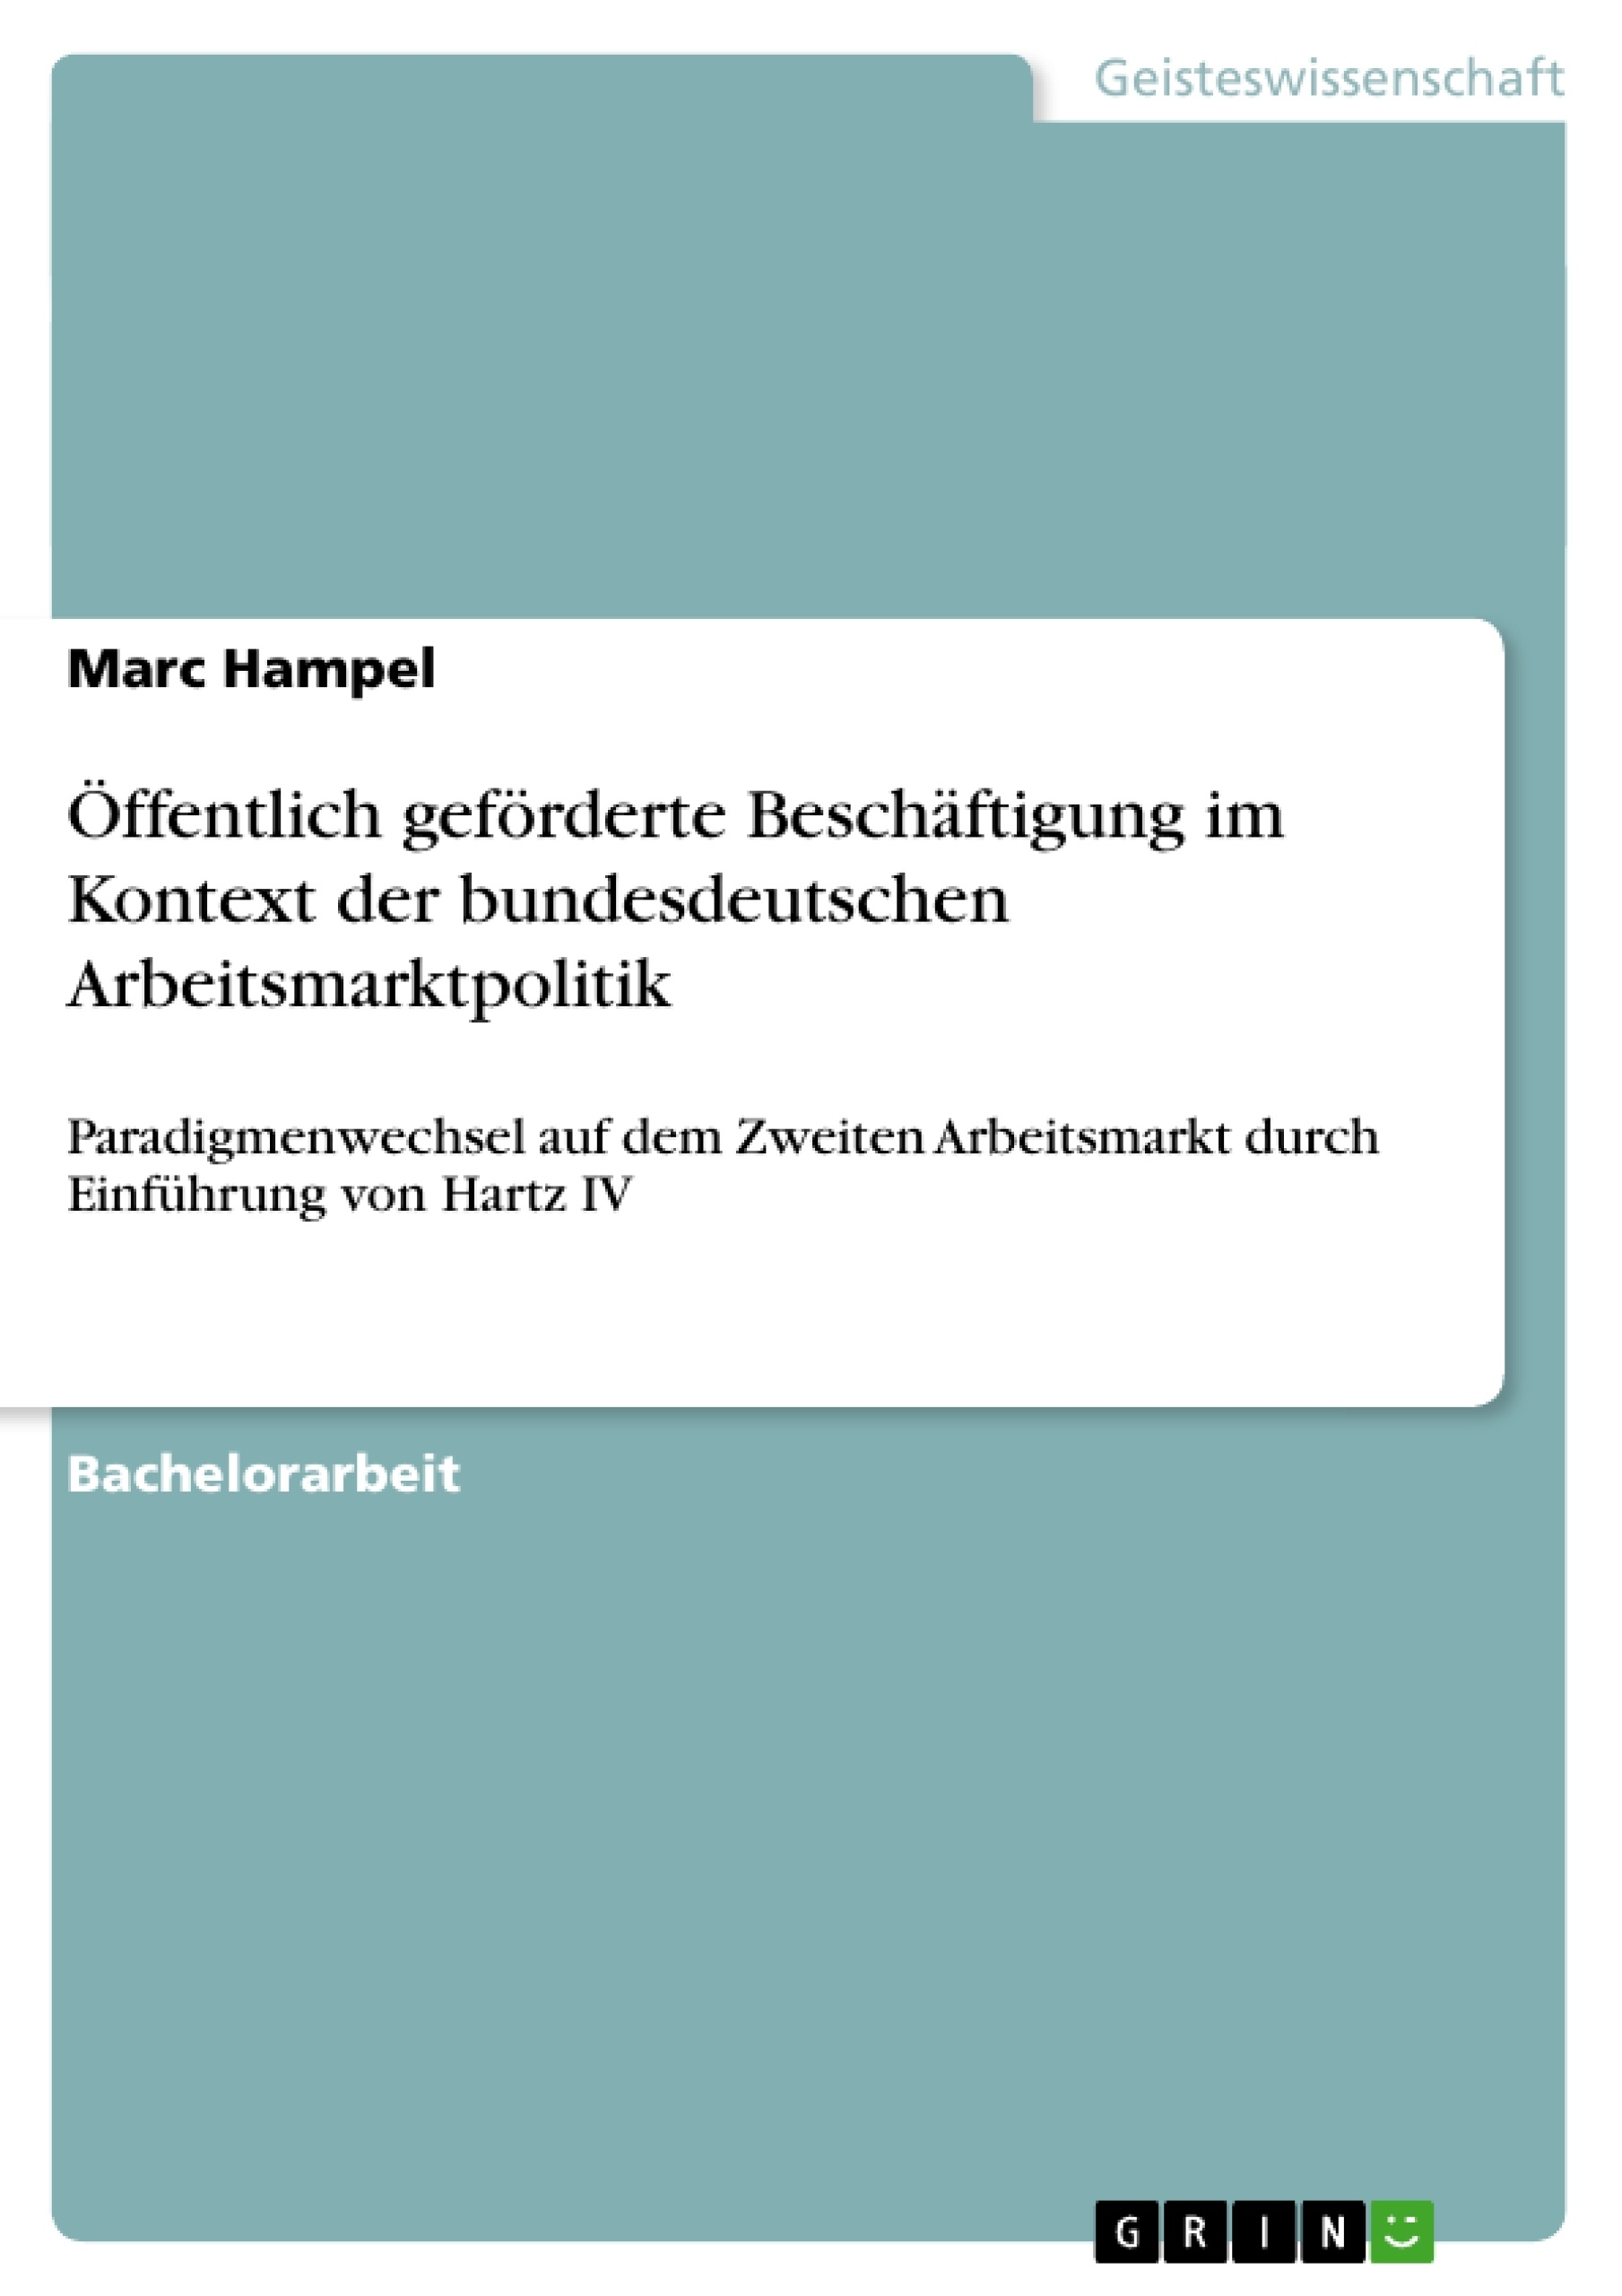 Titel: Öffentlich geförderte Beschäftigung im Kontext der bundesdeutschen Arbeitsmarktpolitik